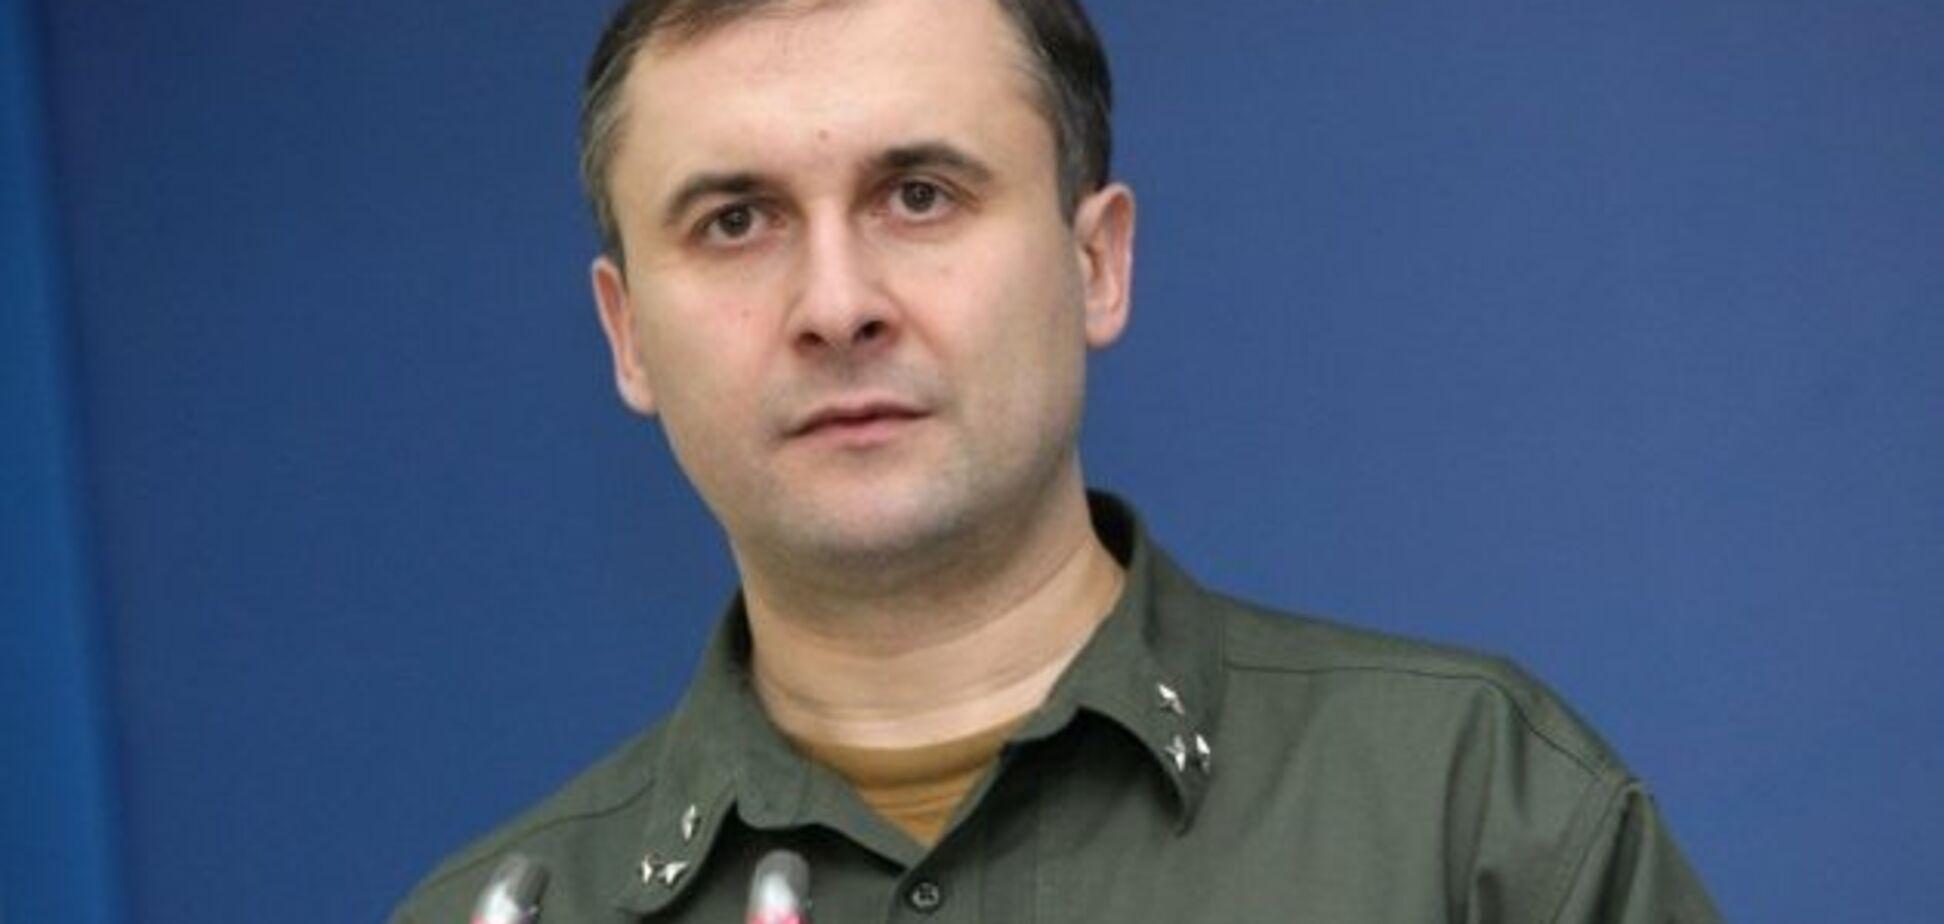 Говорити марно: Слободян розповів, як припинити провокації РФ в Азовському морі